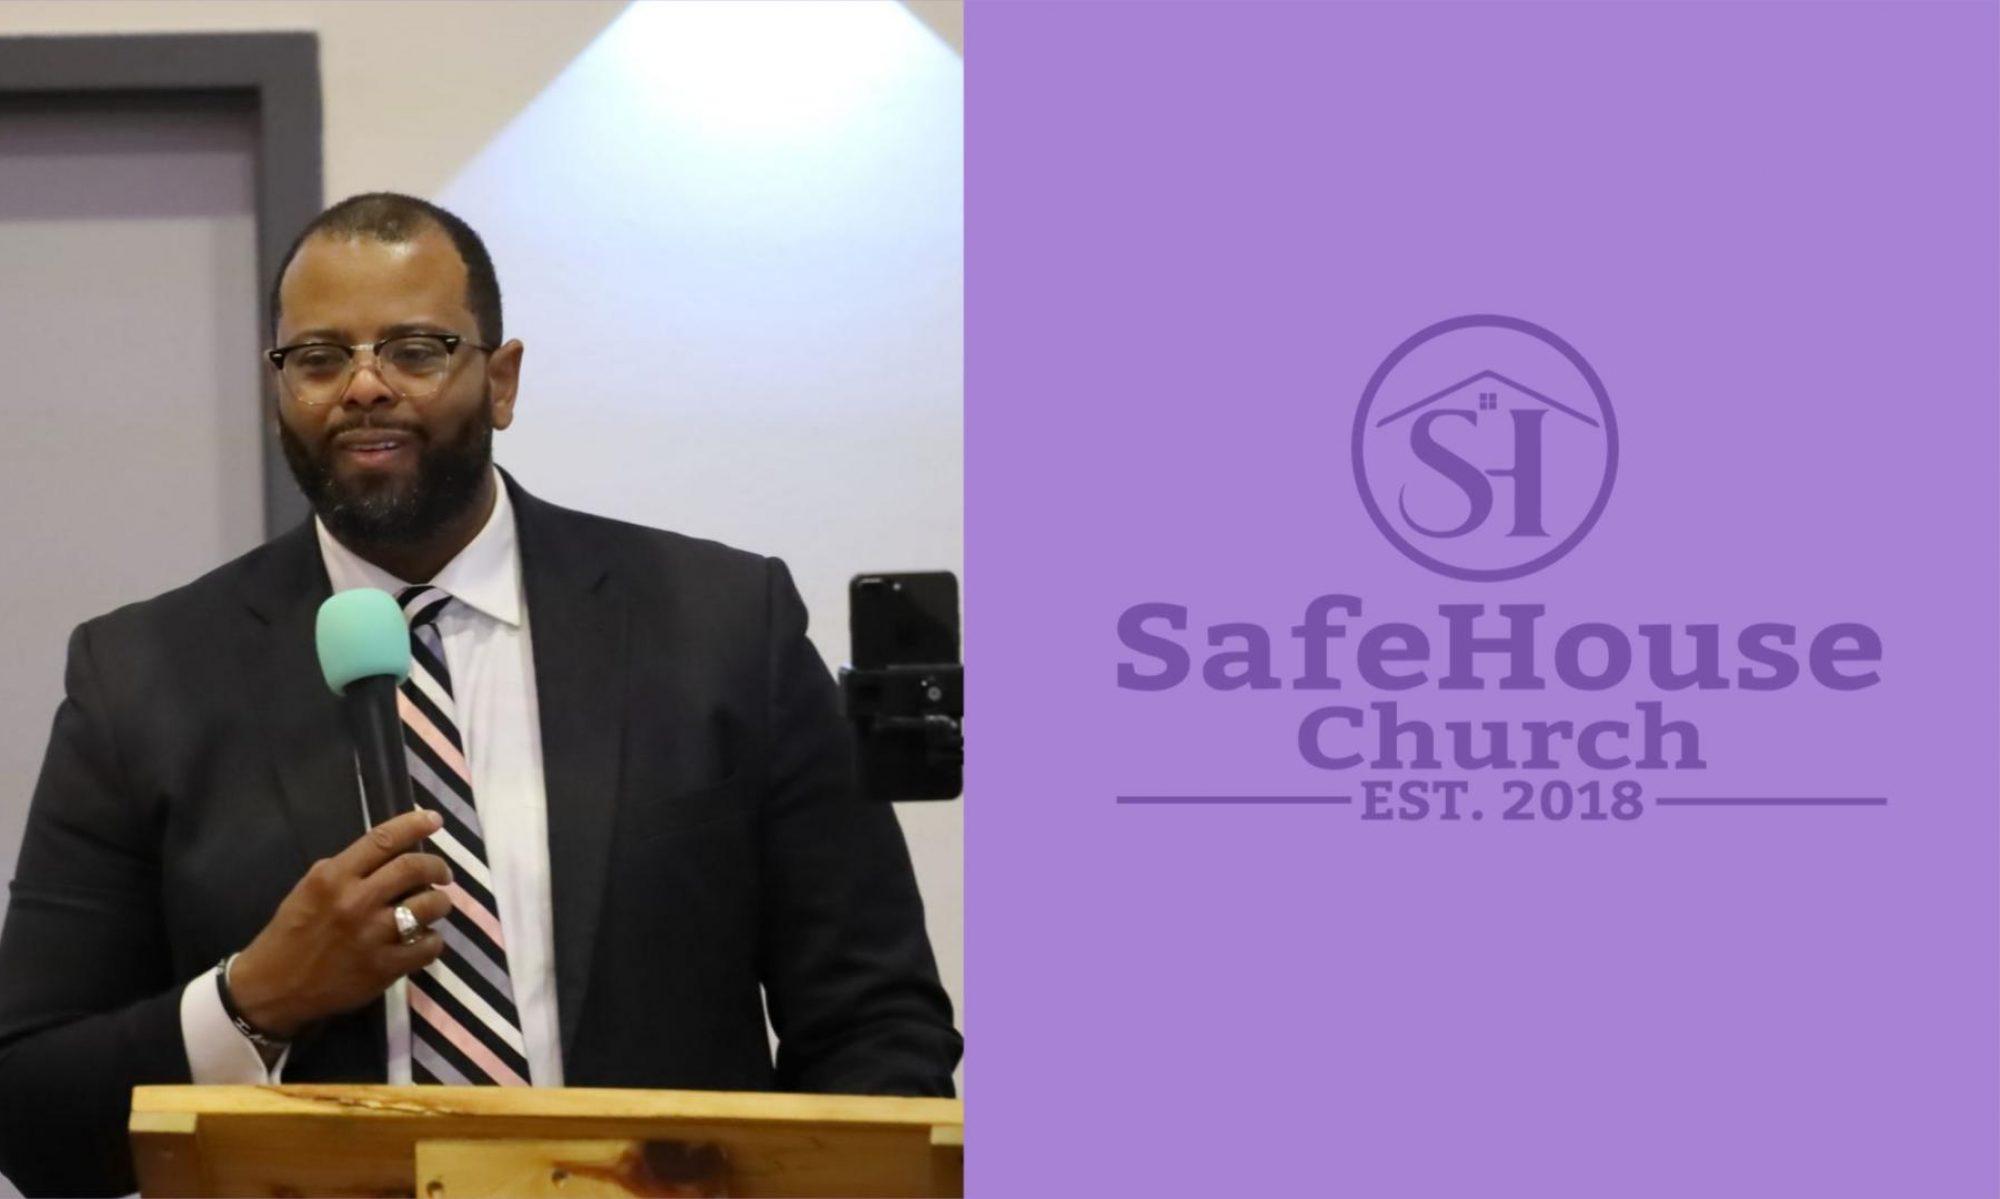 The SafeHouse Church